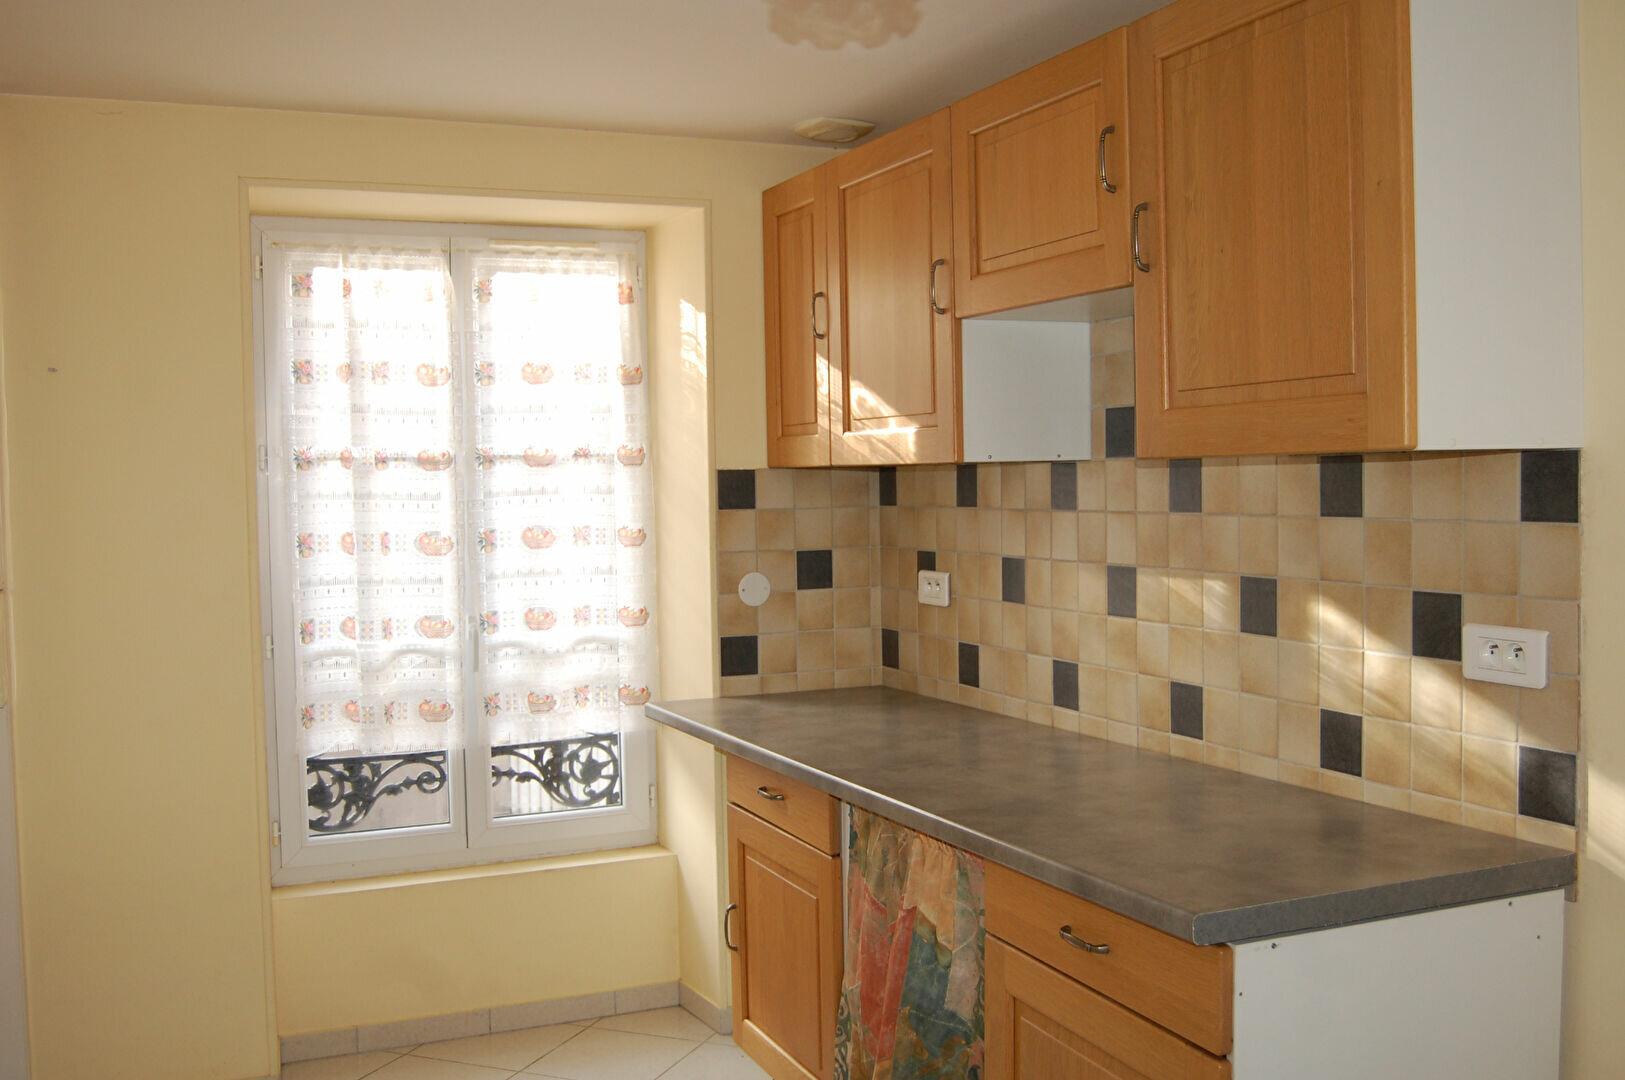 Maison à louer 4 76m2 à Saint-Satur vignette-1